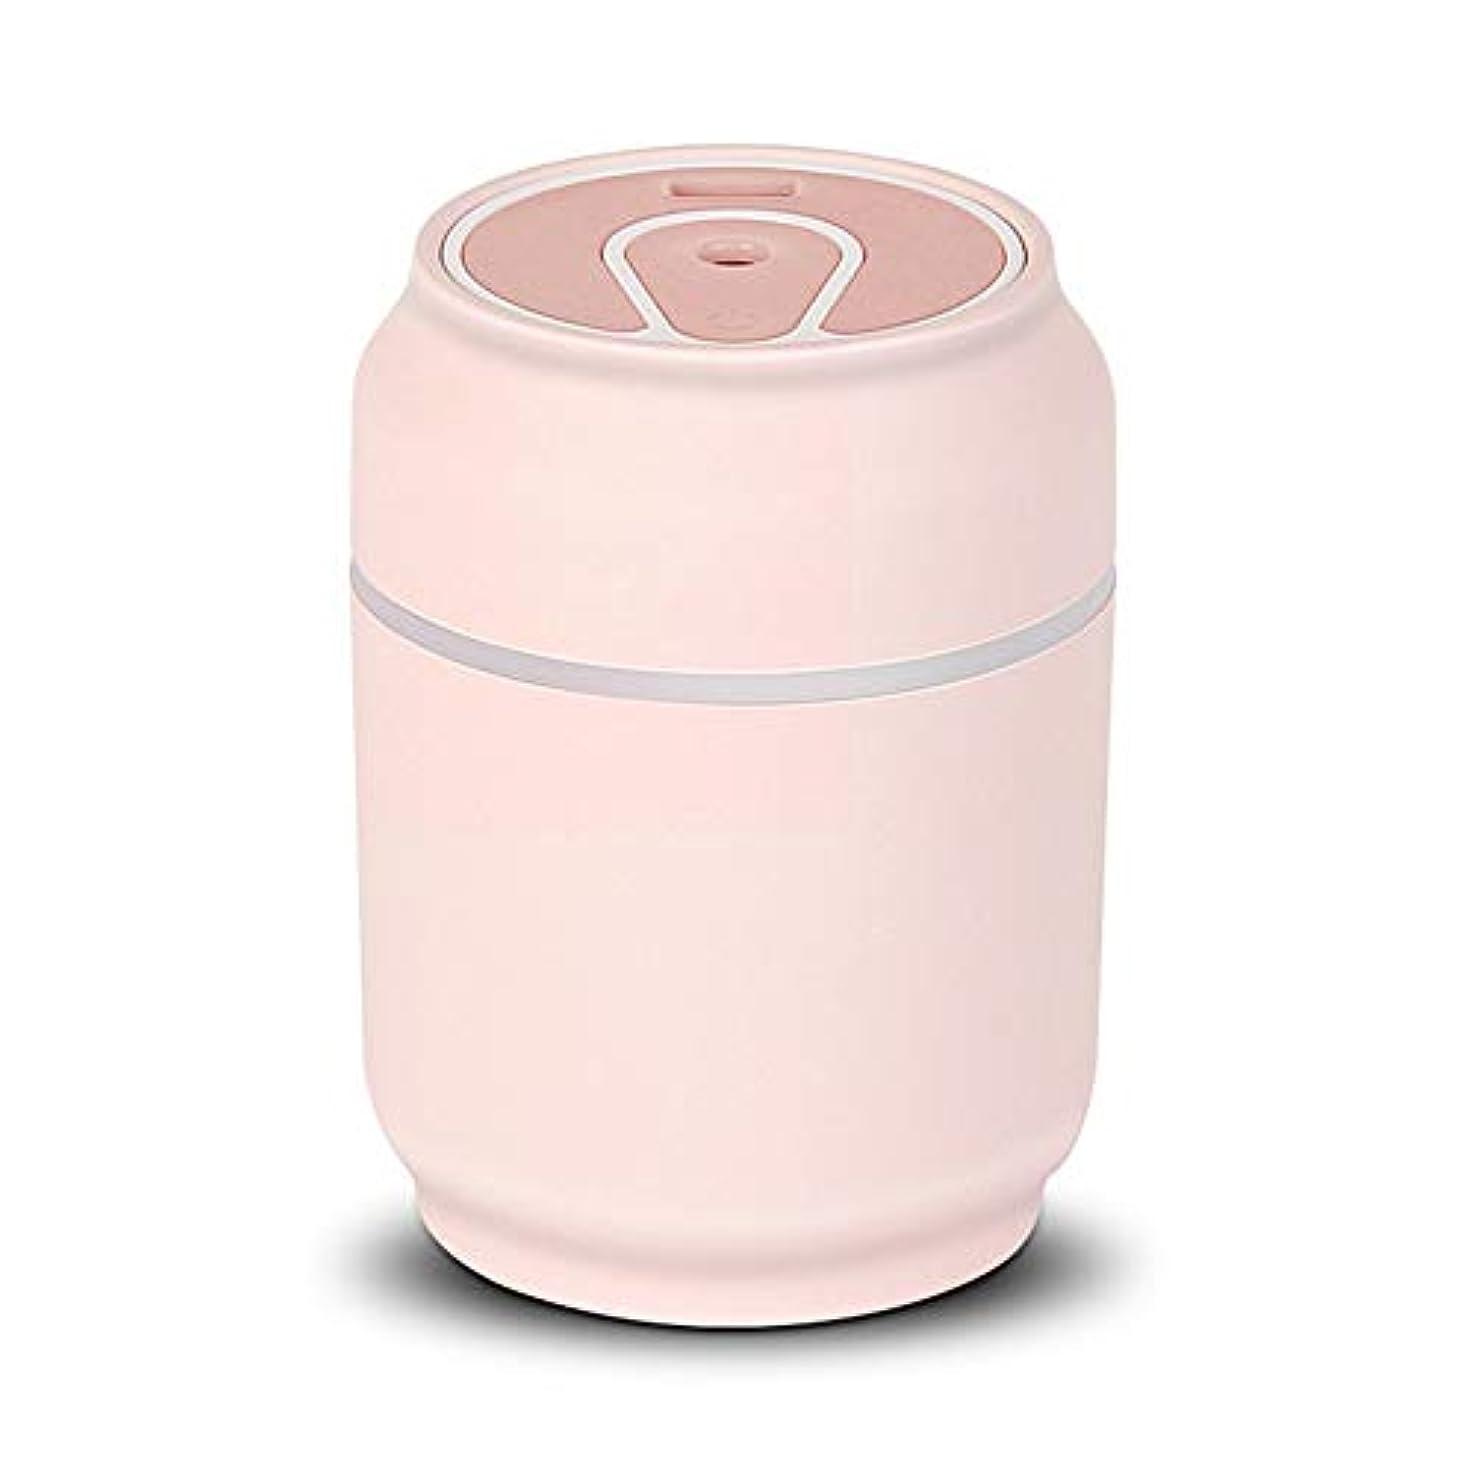 絶壁折り目雰囲気ZXF 新しいクリエイティブ缶シェイプUSB充電加湿器ミュート漫画ミニASB素材ナイトライトファン3つ1つの水分補給器具蒸し顔黒緑ピンク黄色 滑らかである (色 : Pink)